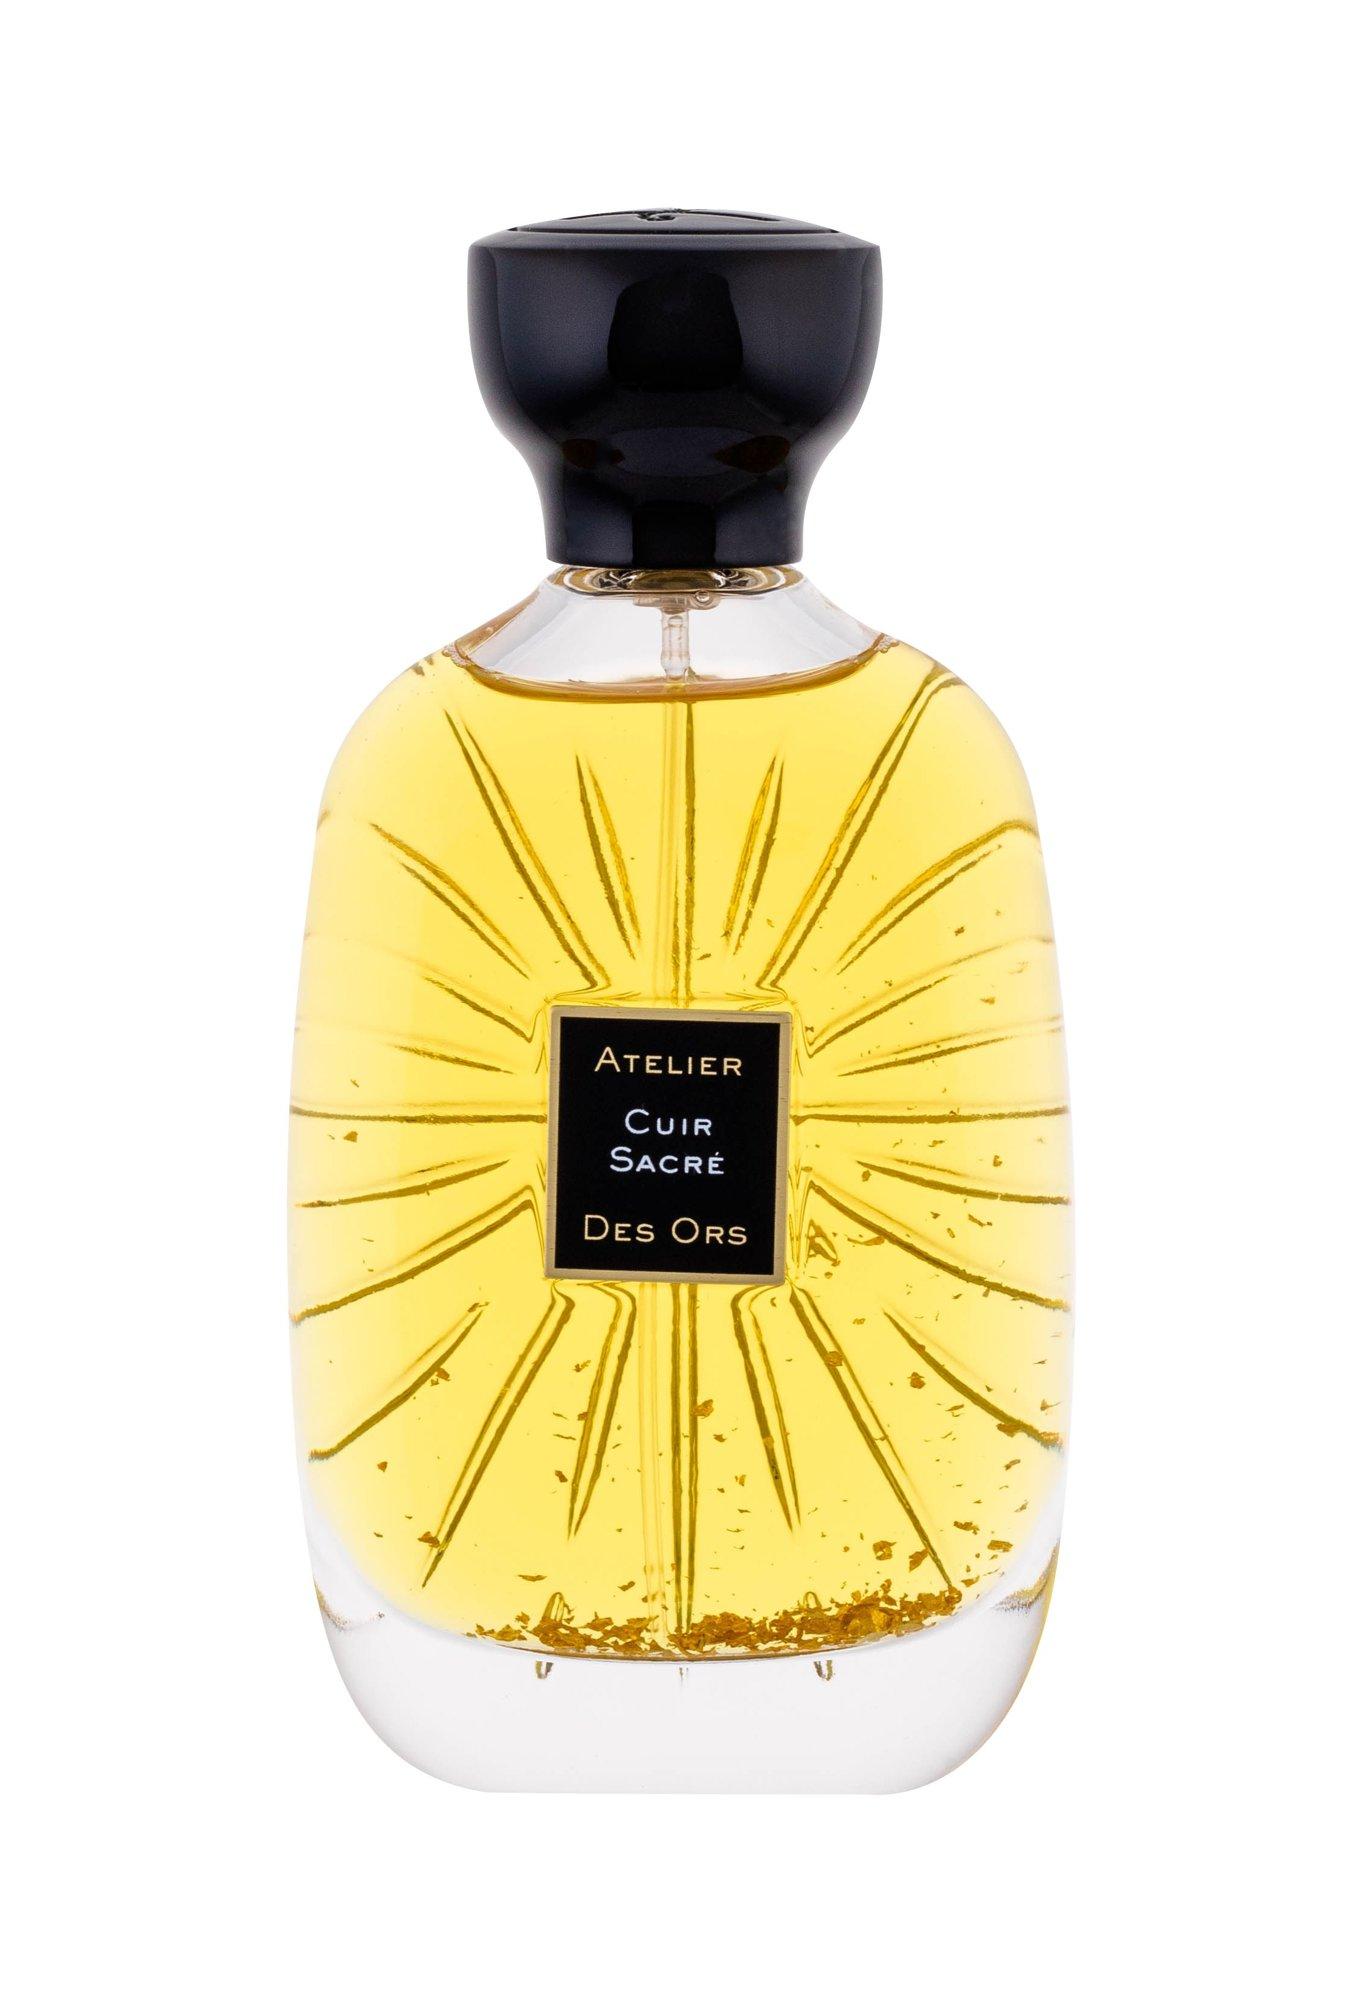 Atelier des Ors Cuir Sacré Eau de Parfum 100ml